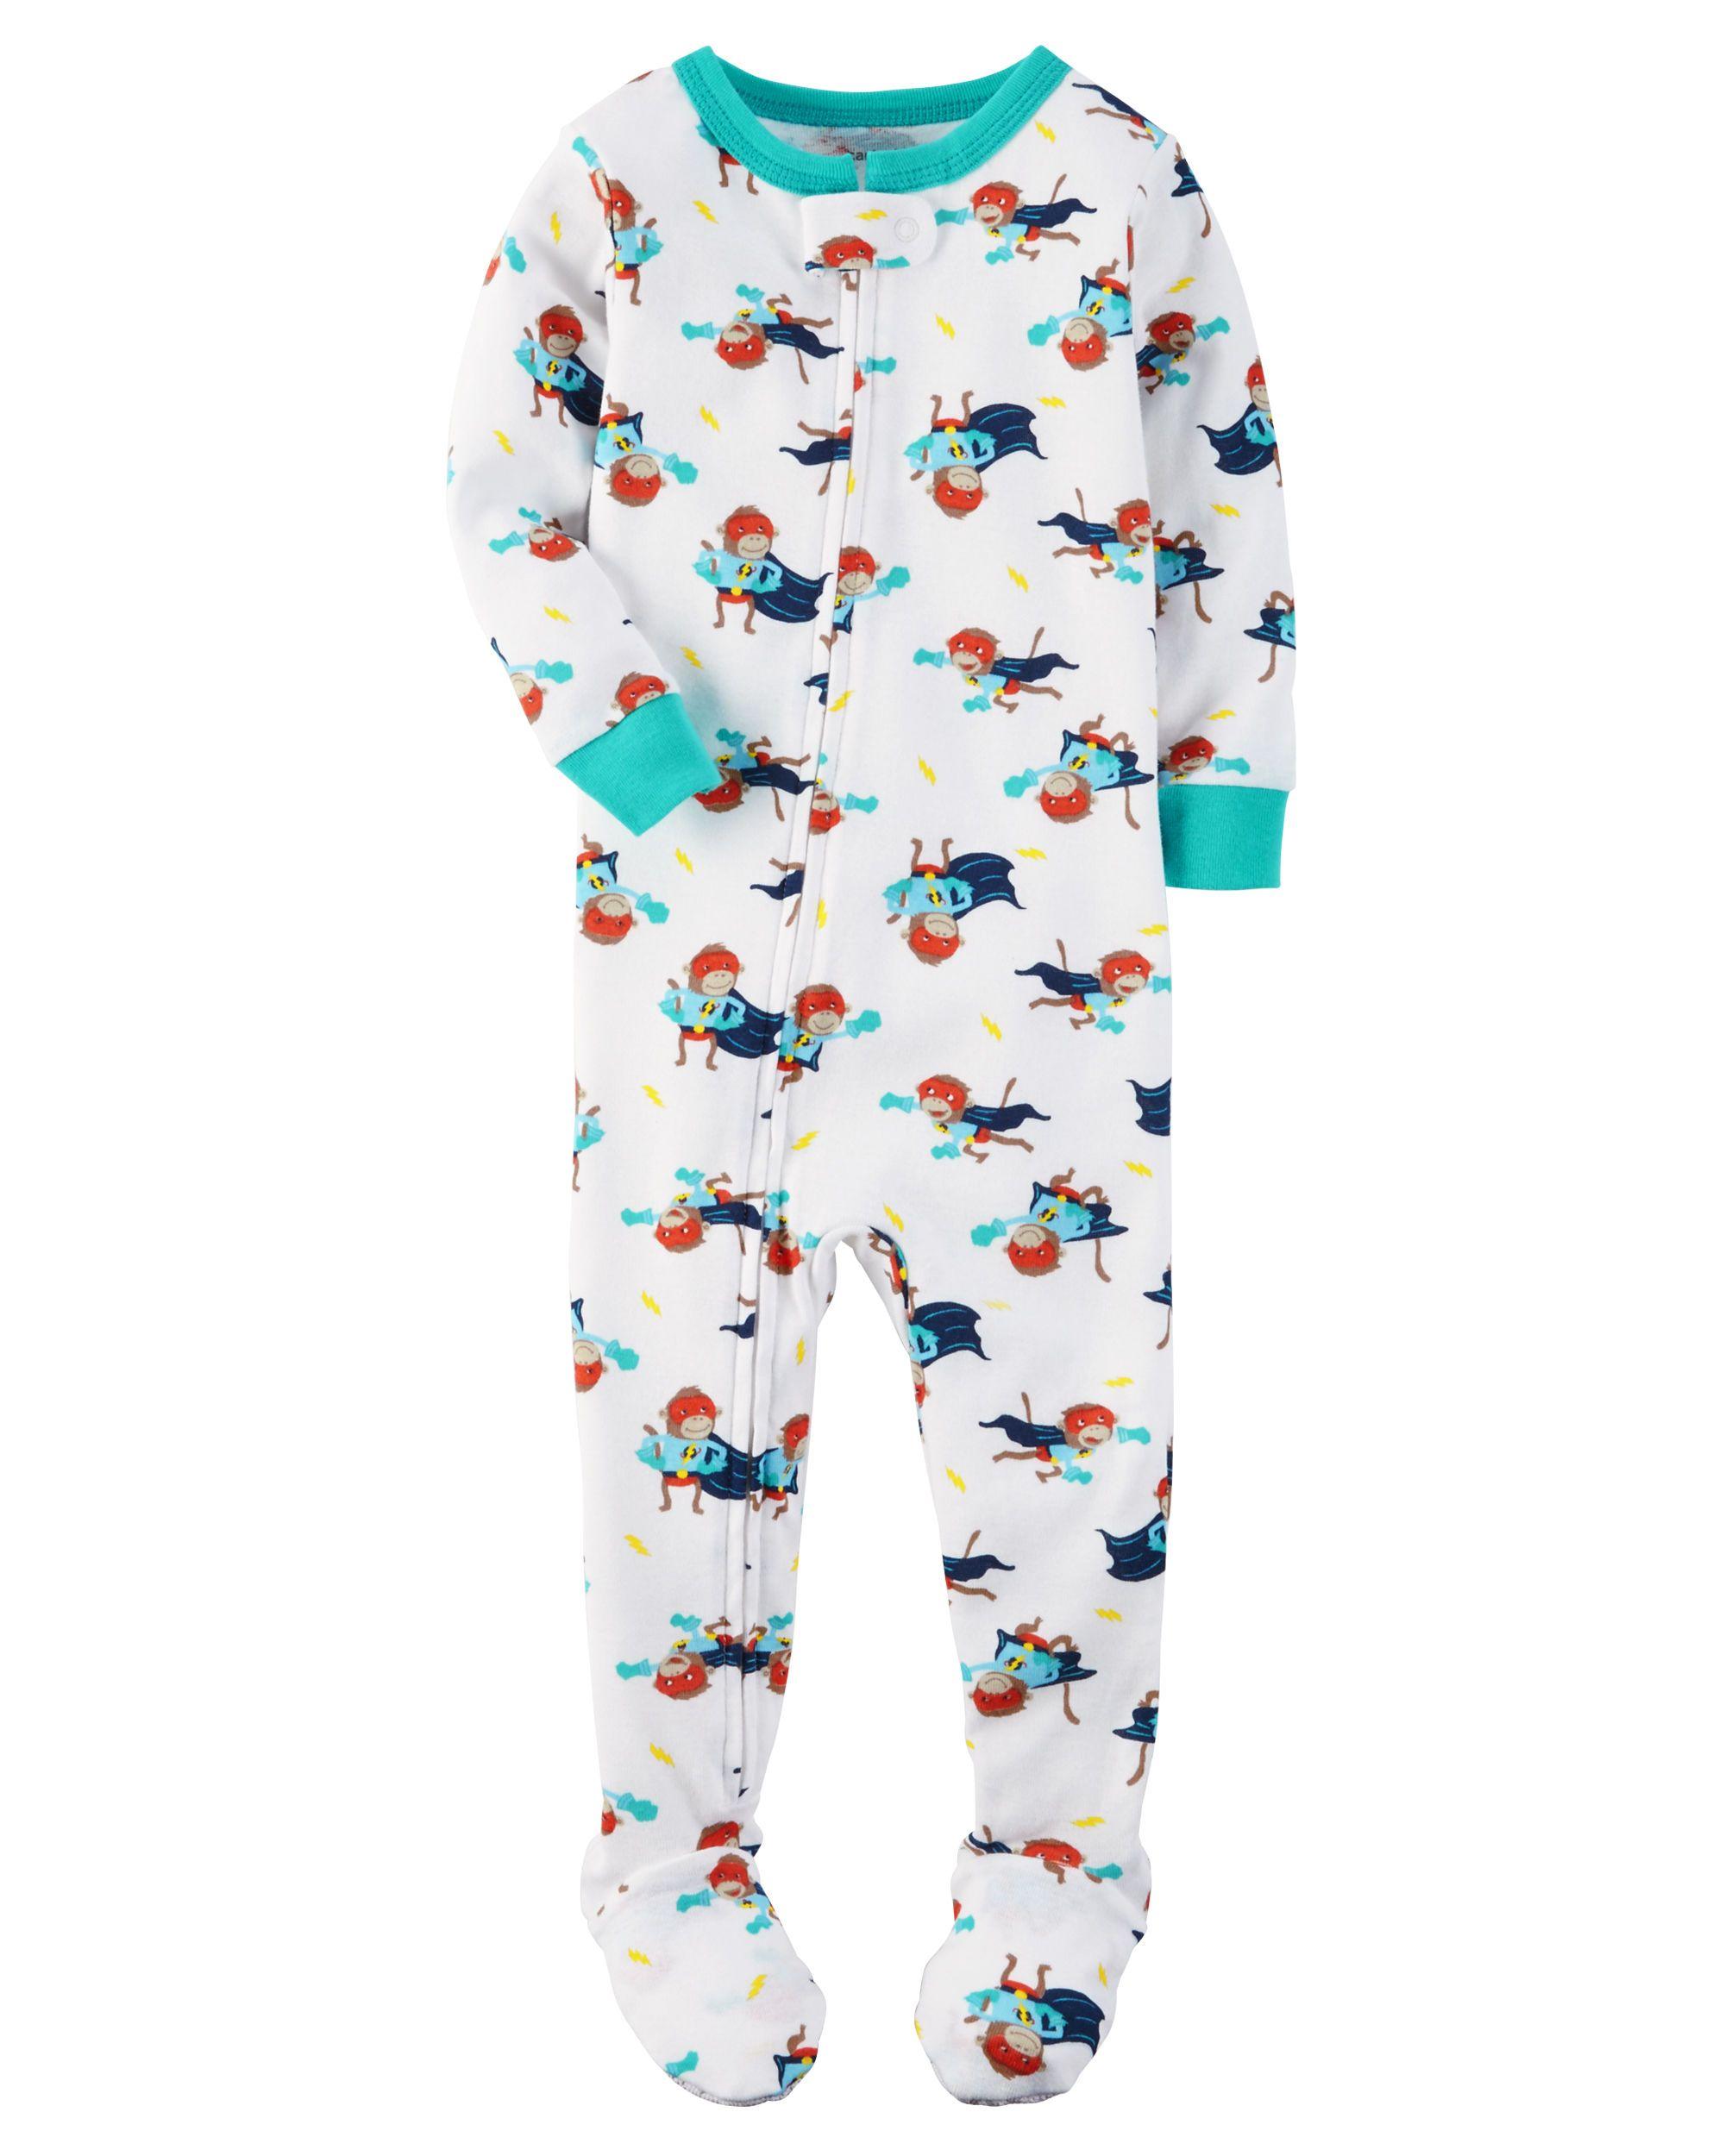 df395b55a3e9 1-Piece Snug Fit Cotton PJs